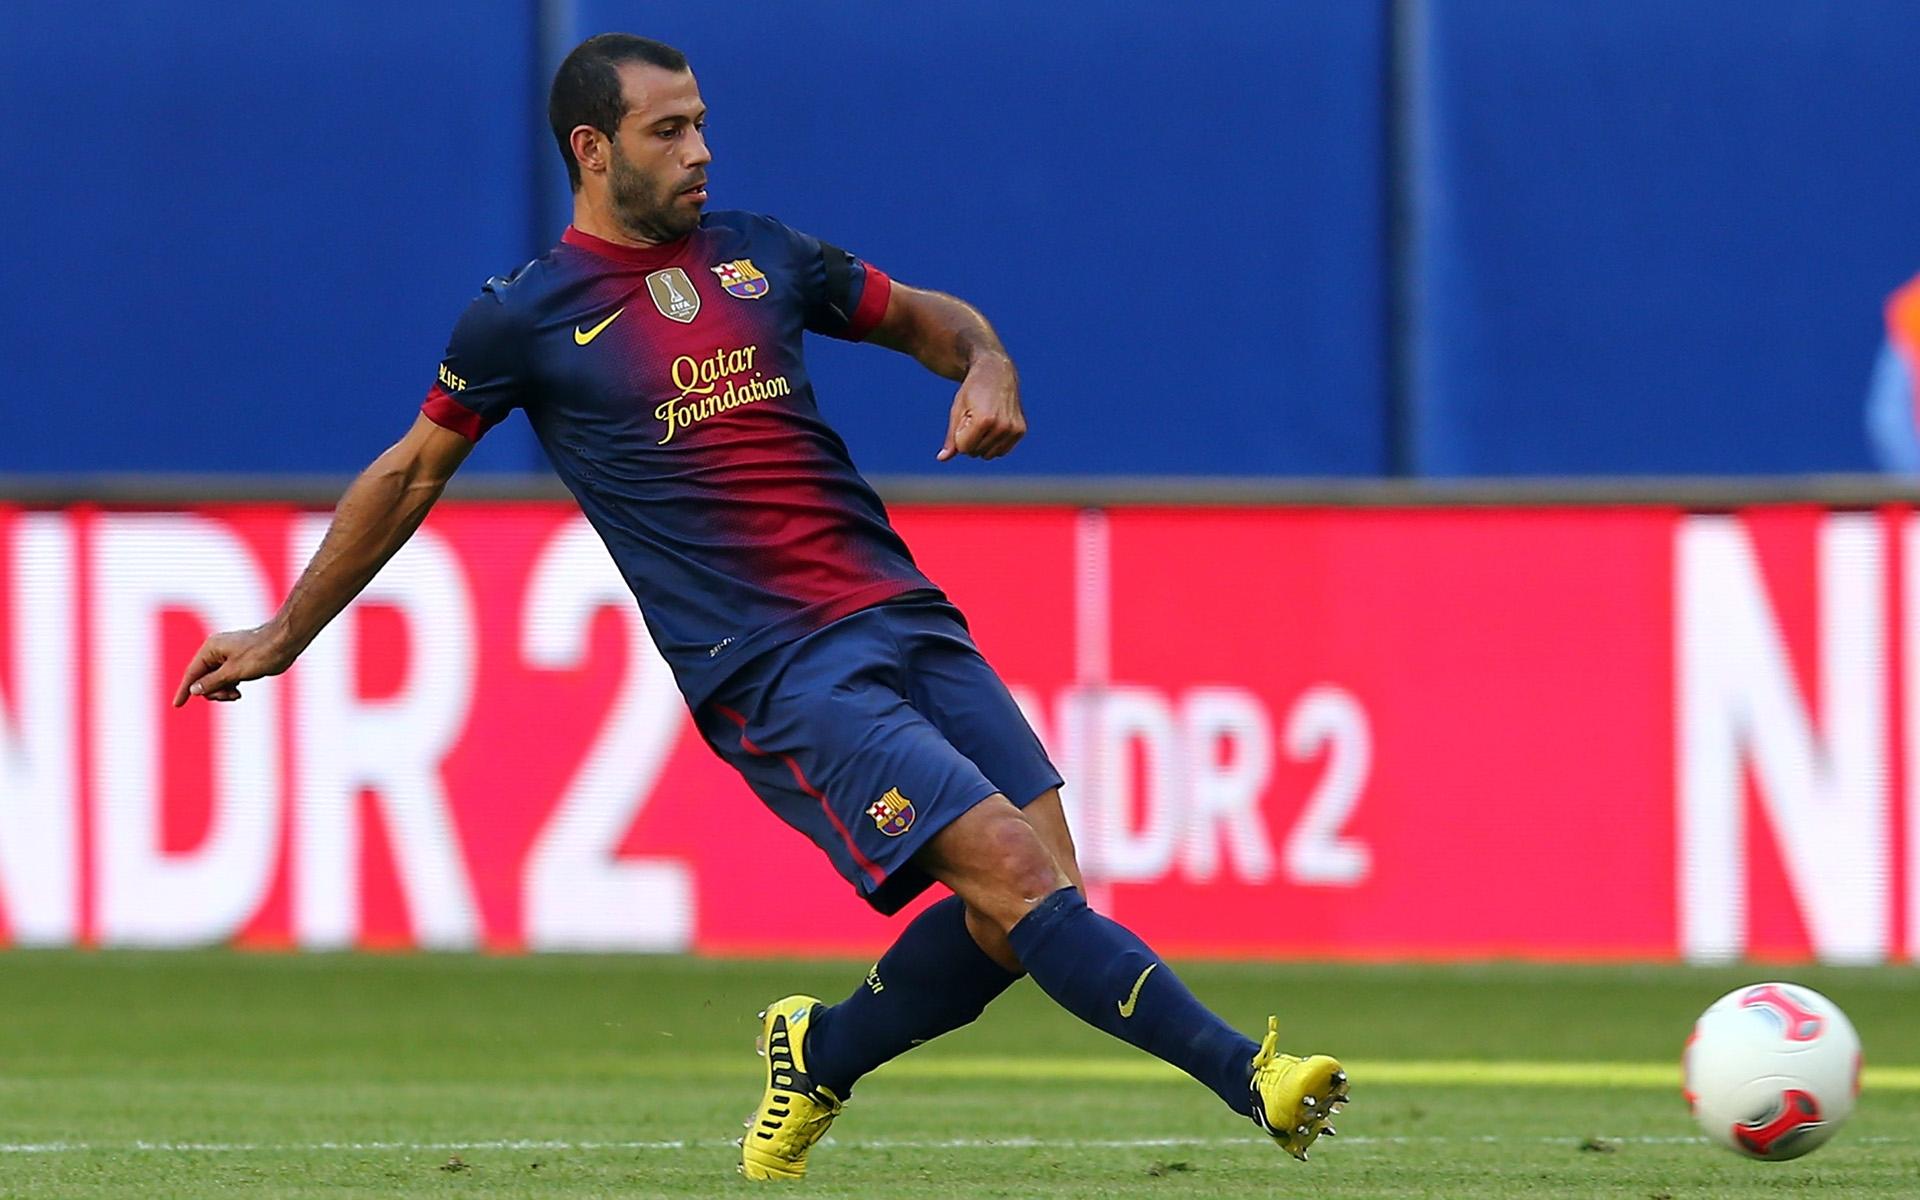 Хавьер Маскерано: не стоит забывать, что «Барселона» продолжает лидировать